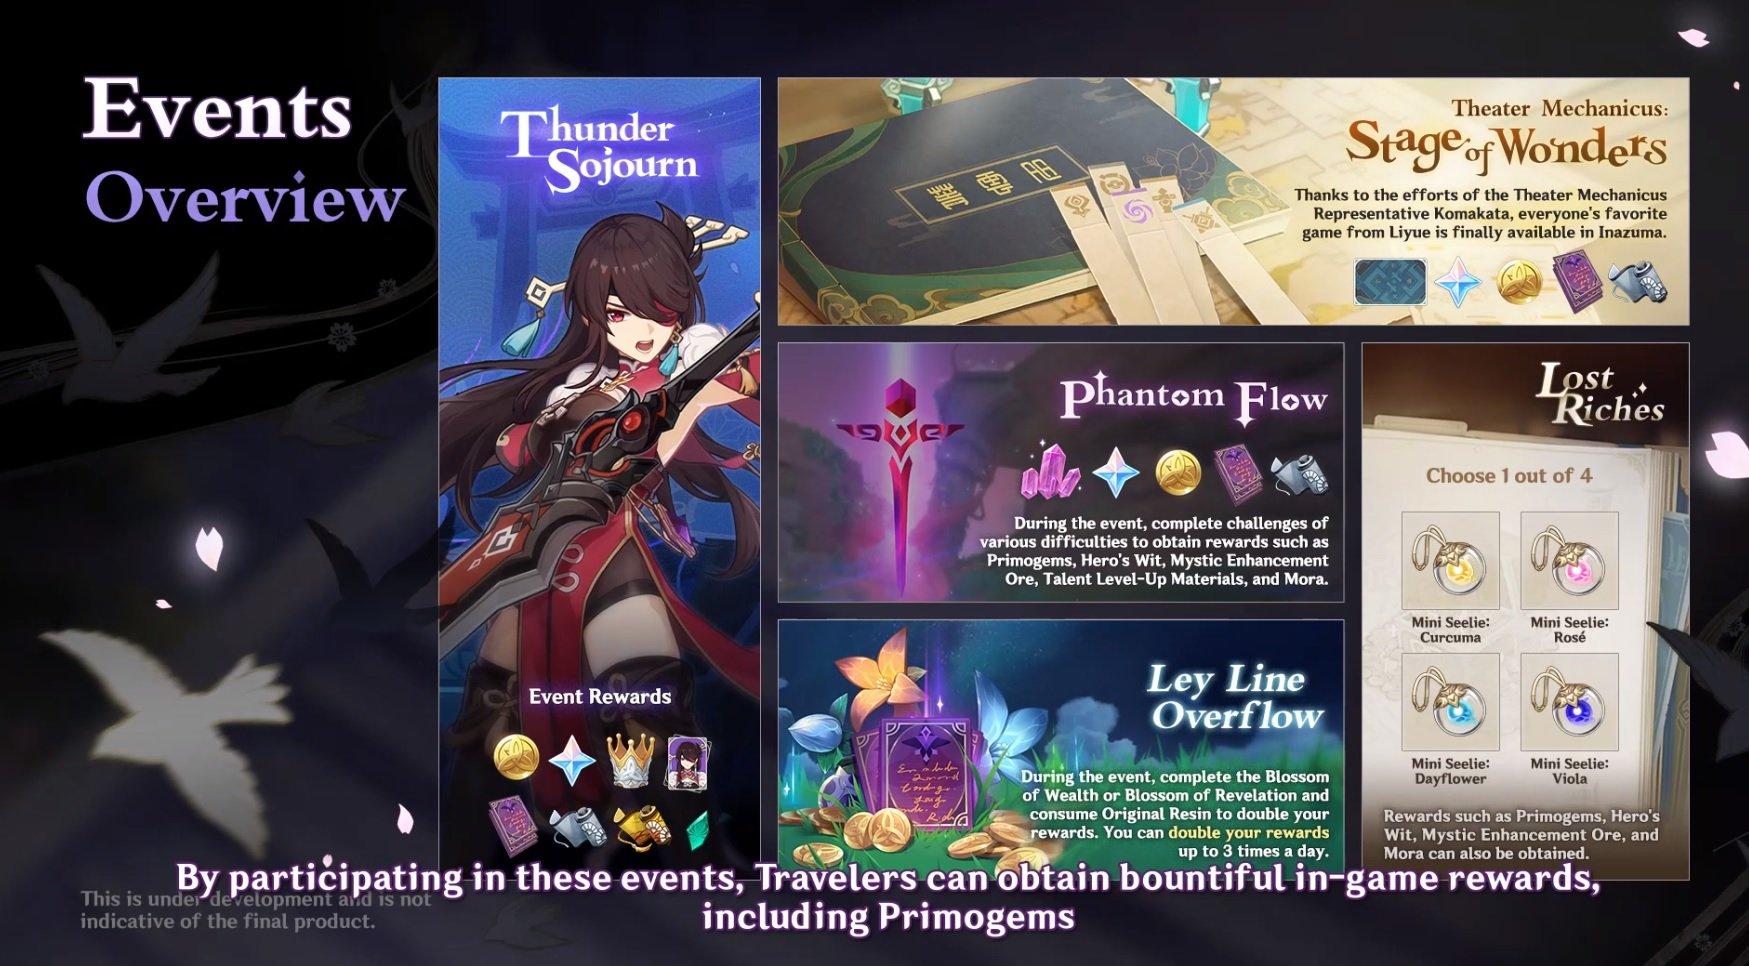 Genshin Impact 2.0 inazuma events